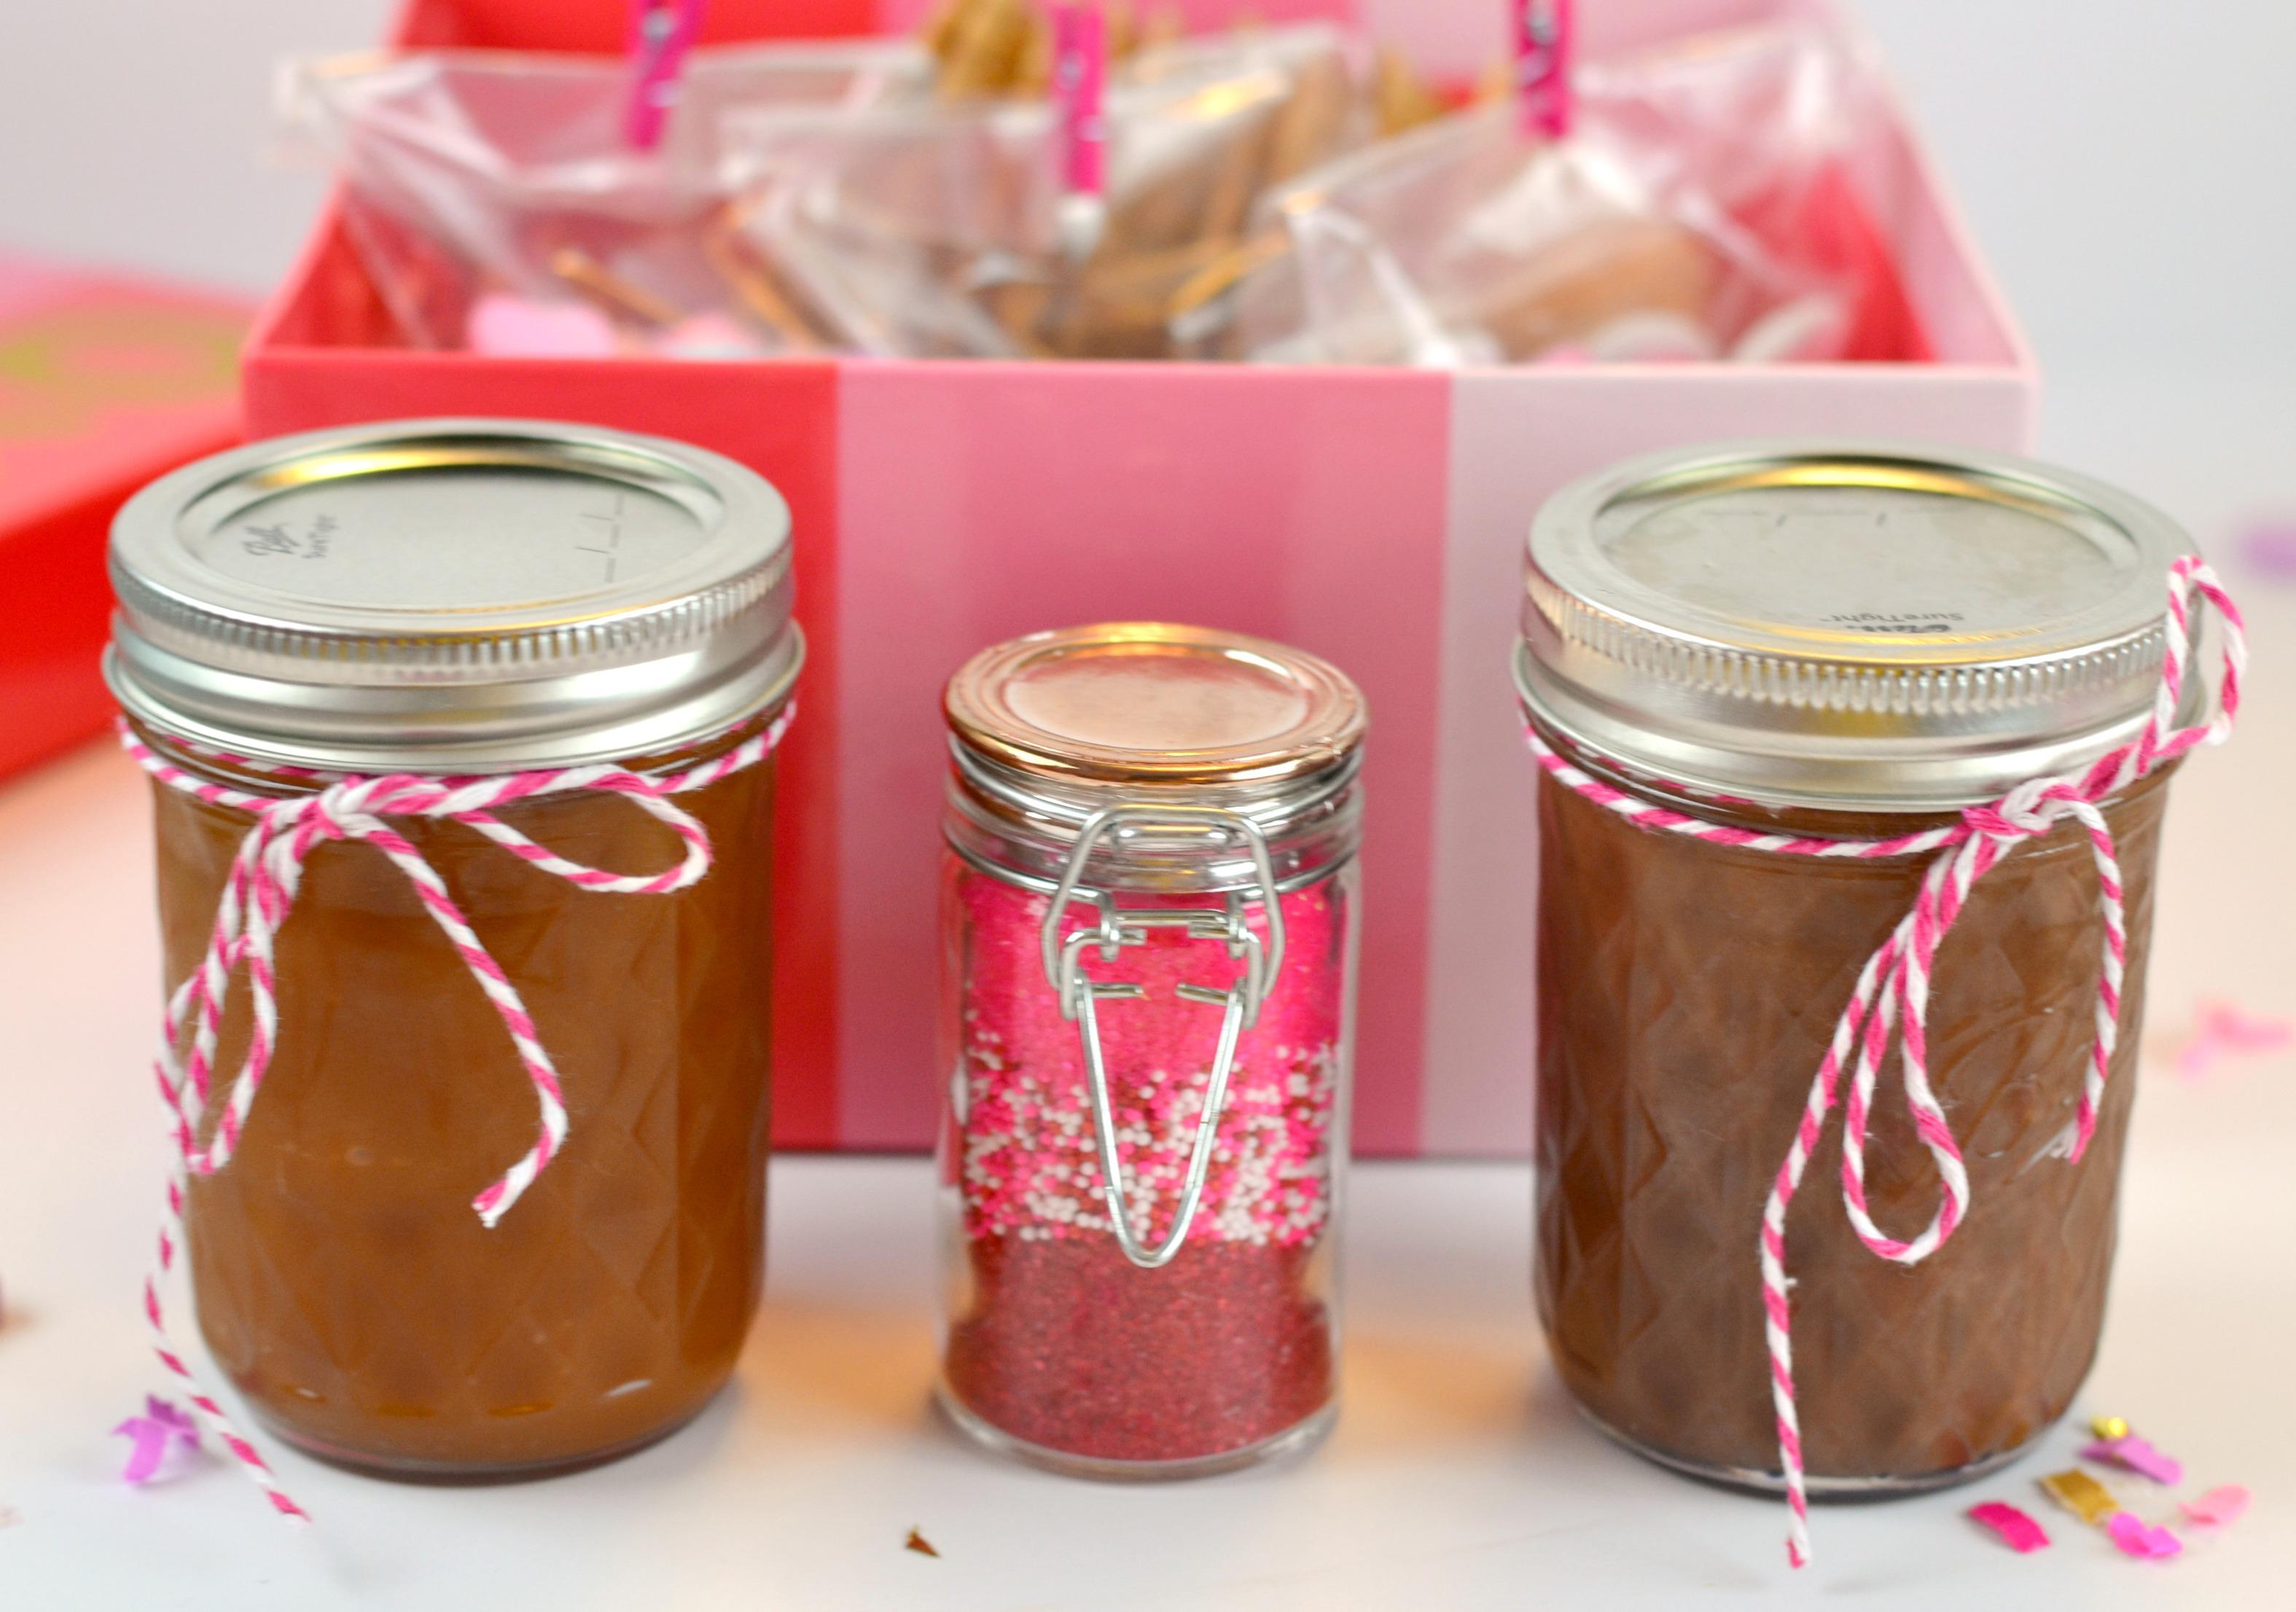 Homemade Caramel and Chocolate Sauce